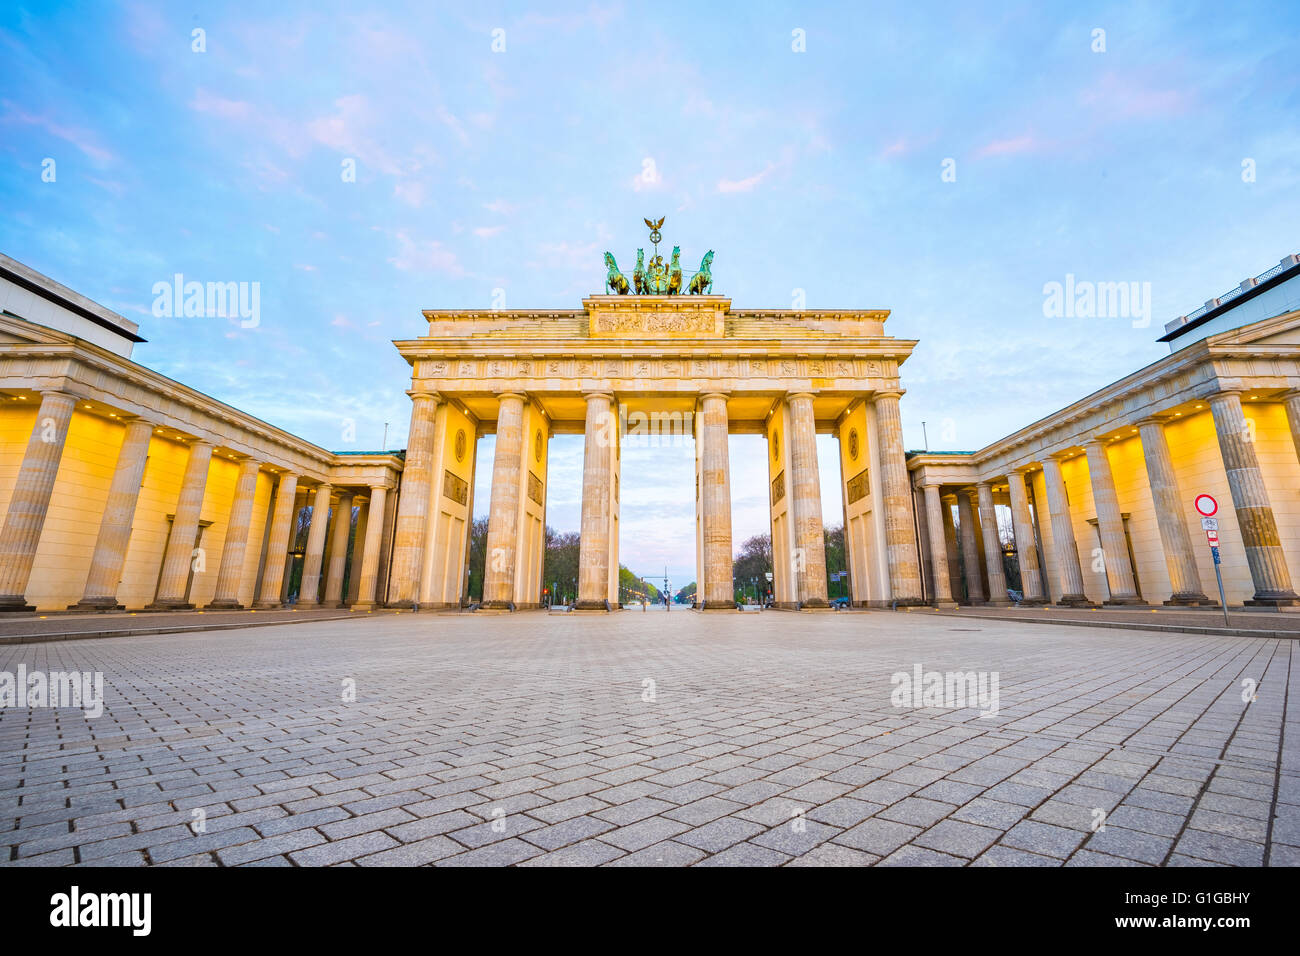 Bel cielo con la Porta di Brandeburgo a Berlino Germania di notte. Immagini Stock